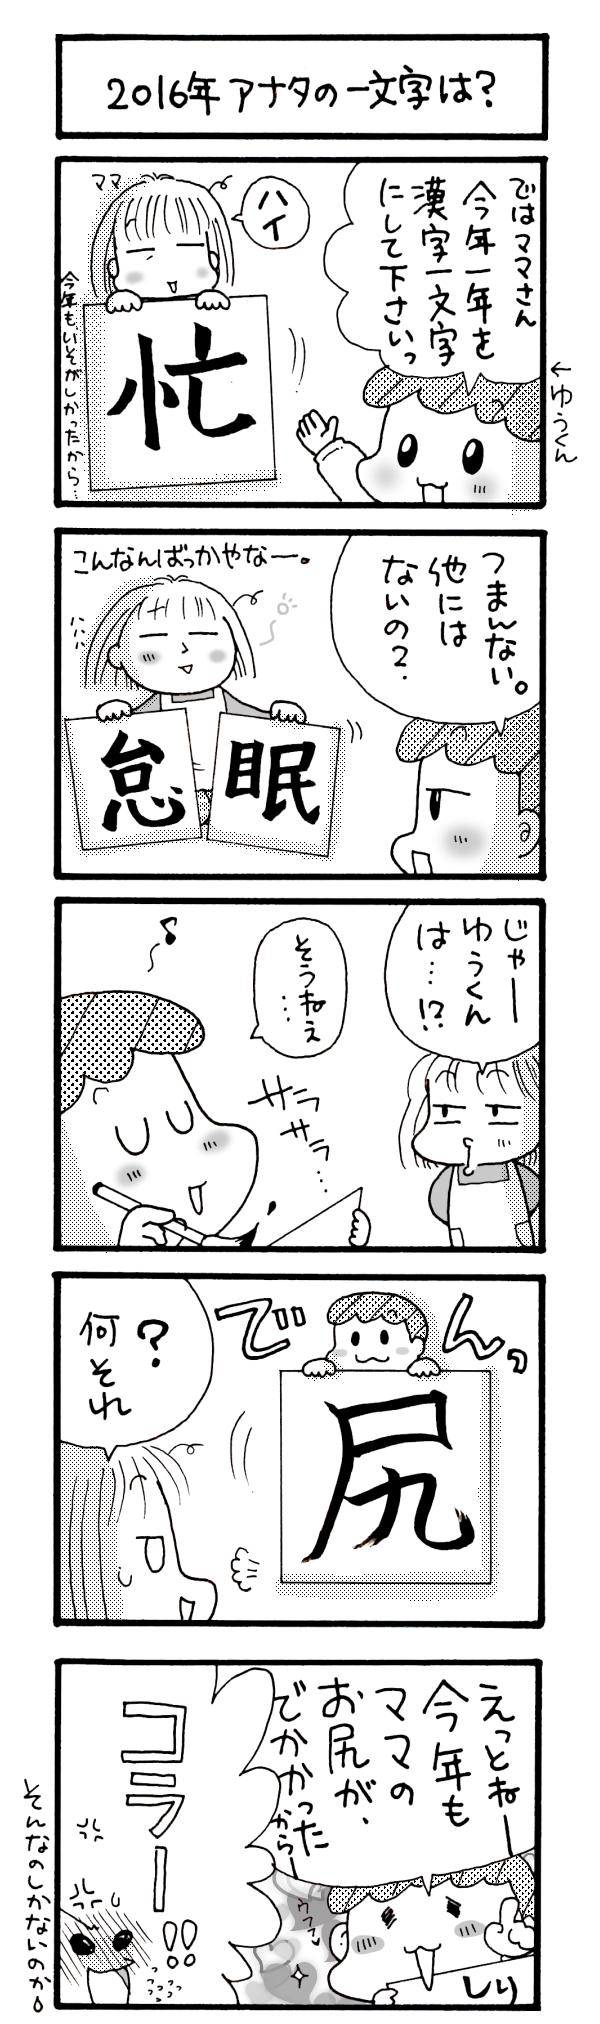 2016年の一文字(たてならび)600完成-5コマ